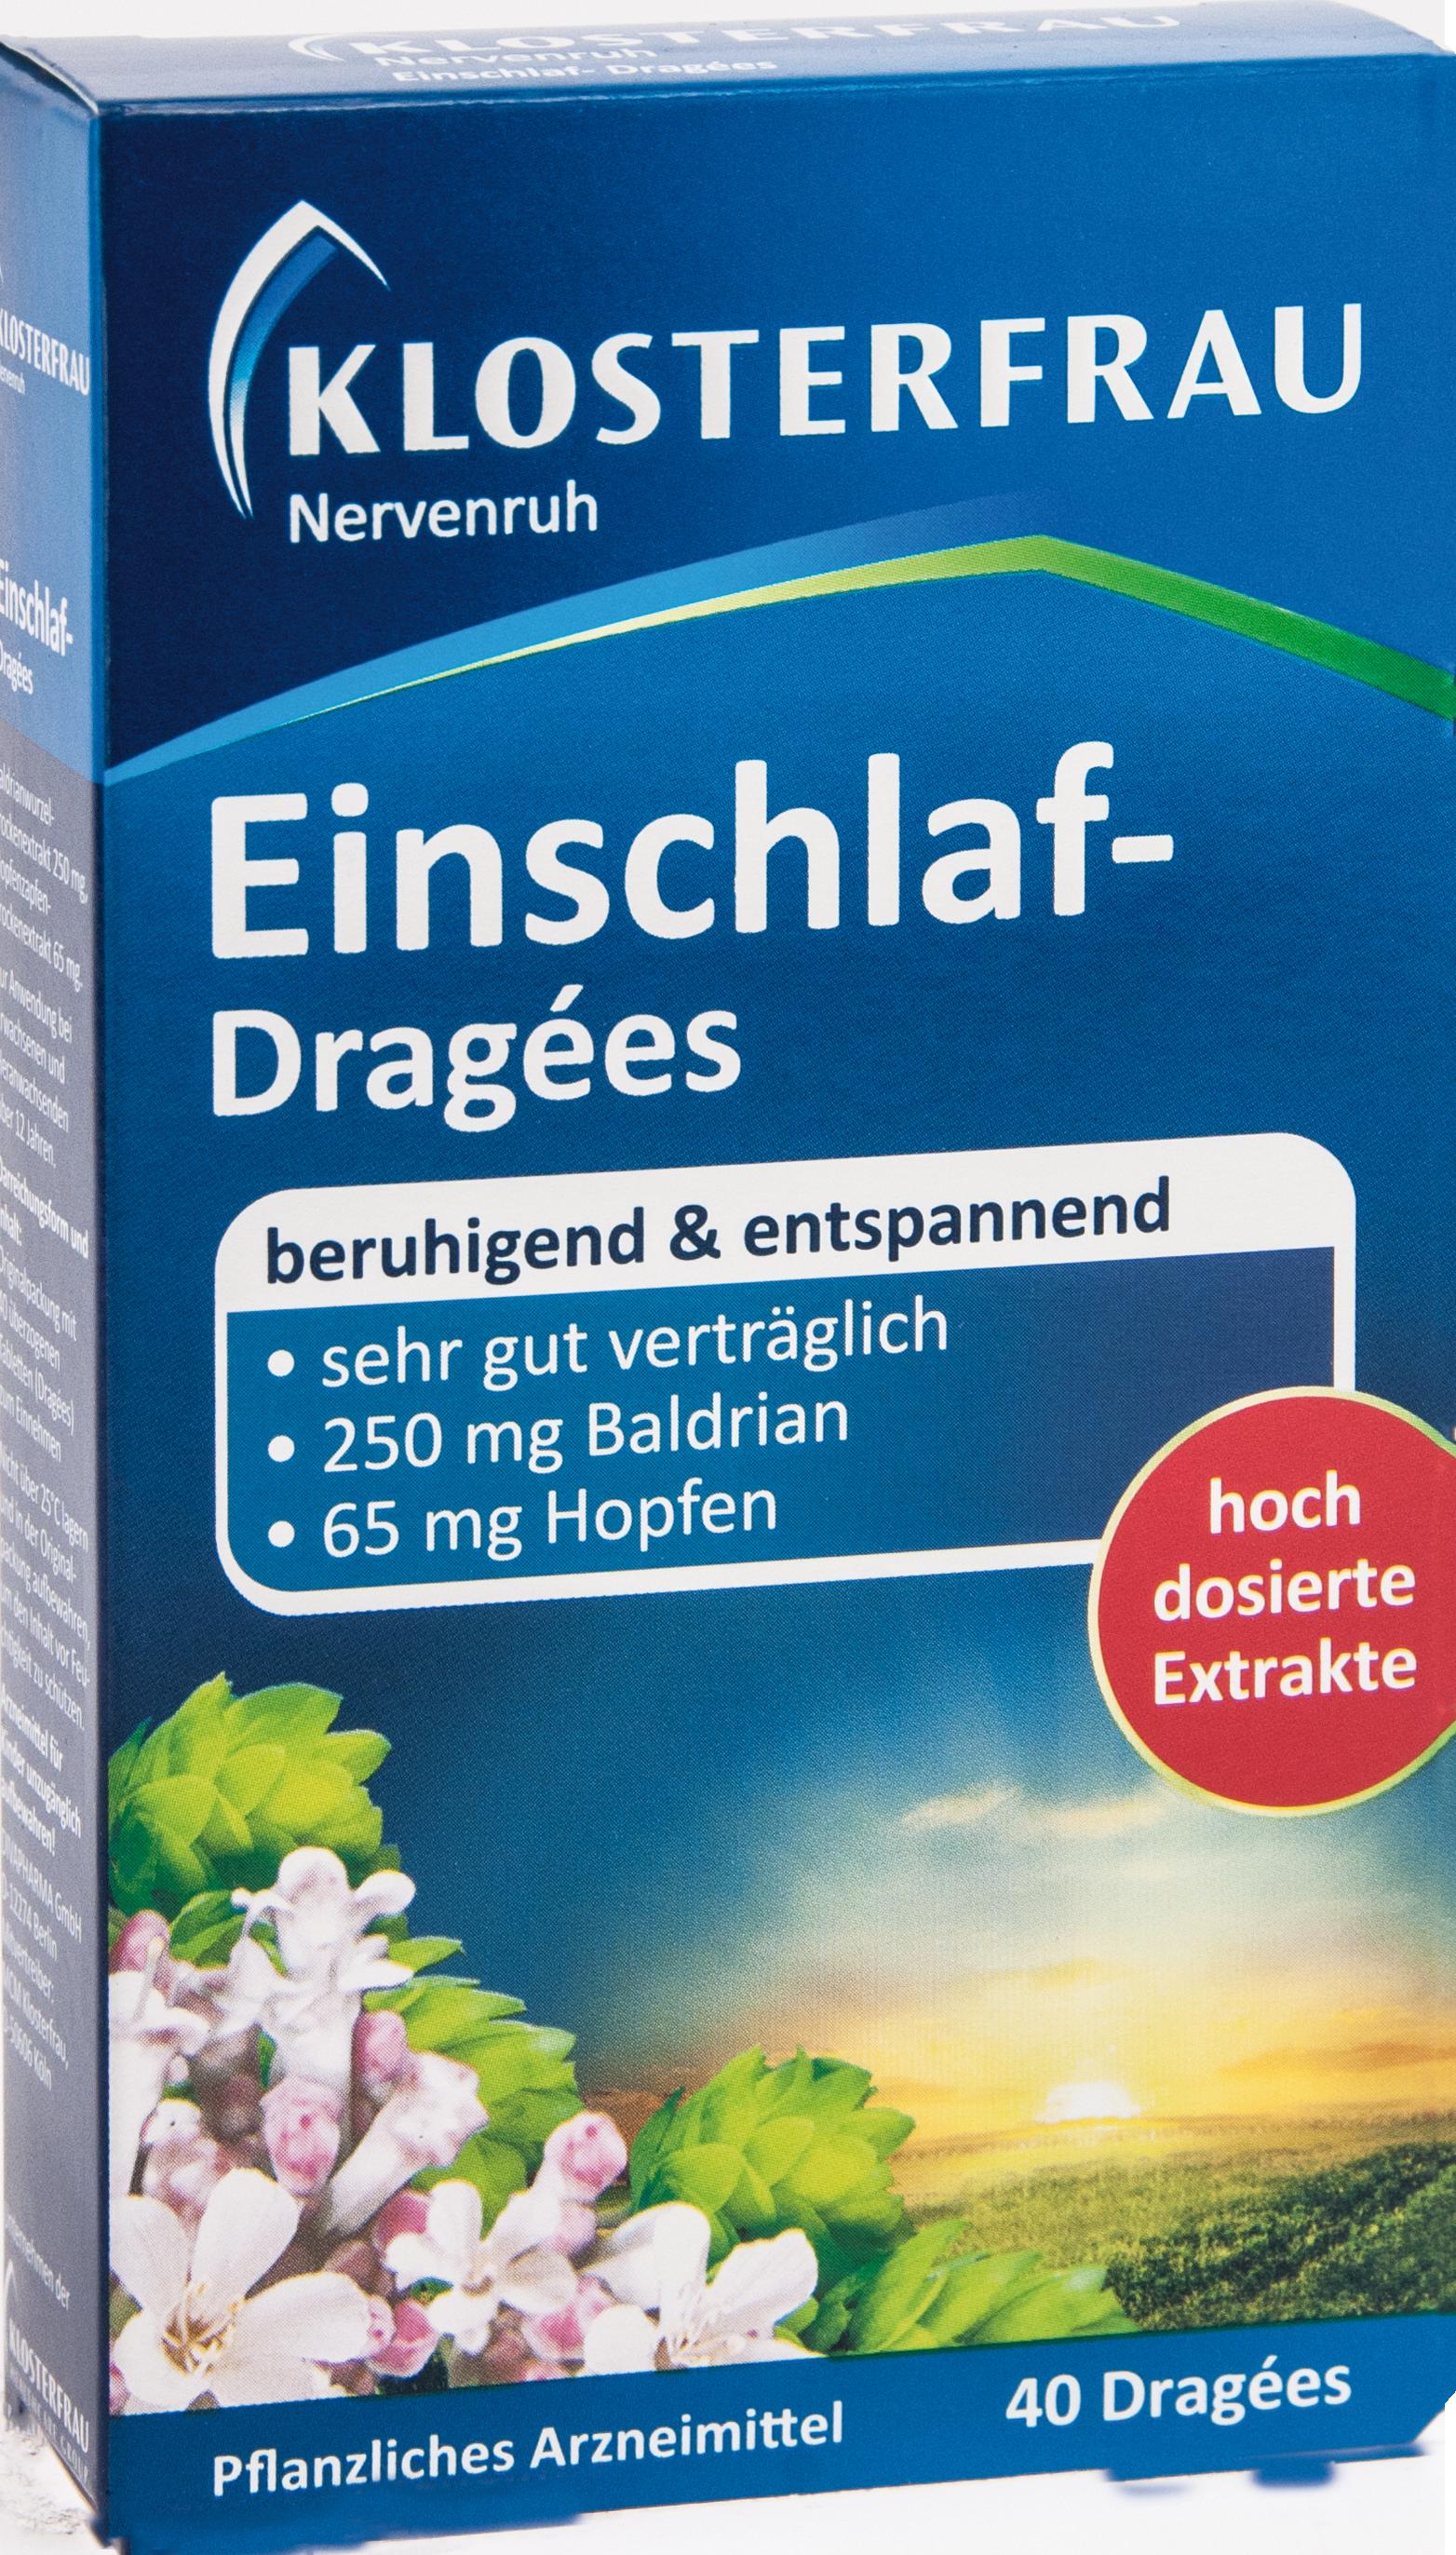 Klosterfrau Einschlaf-Dragees Nervenruh